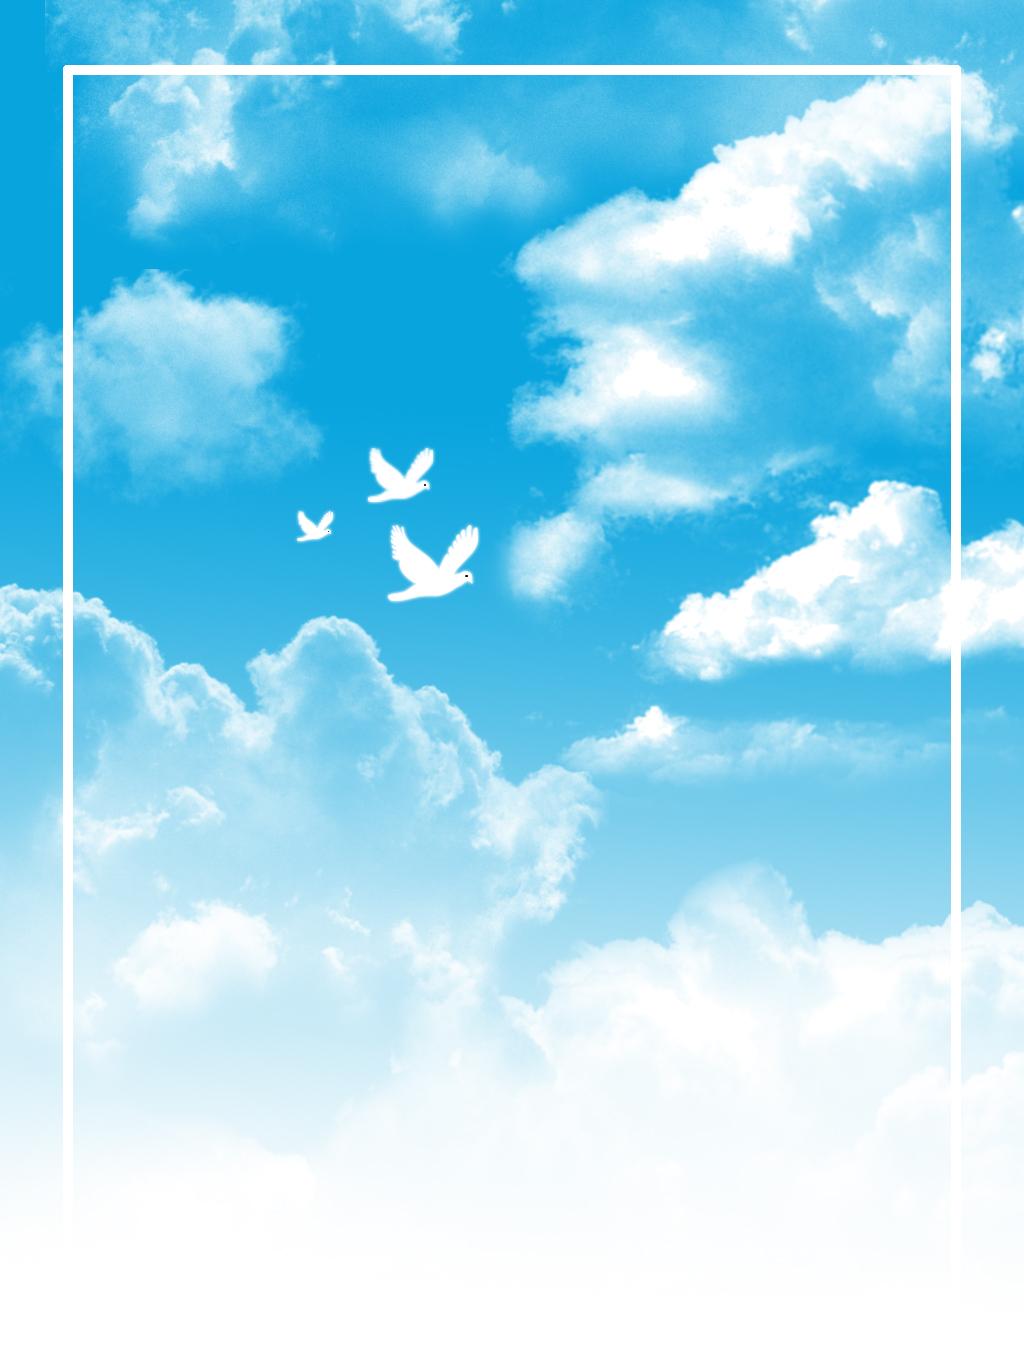 фоторамки для сайта небо можно определить как